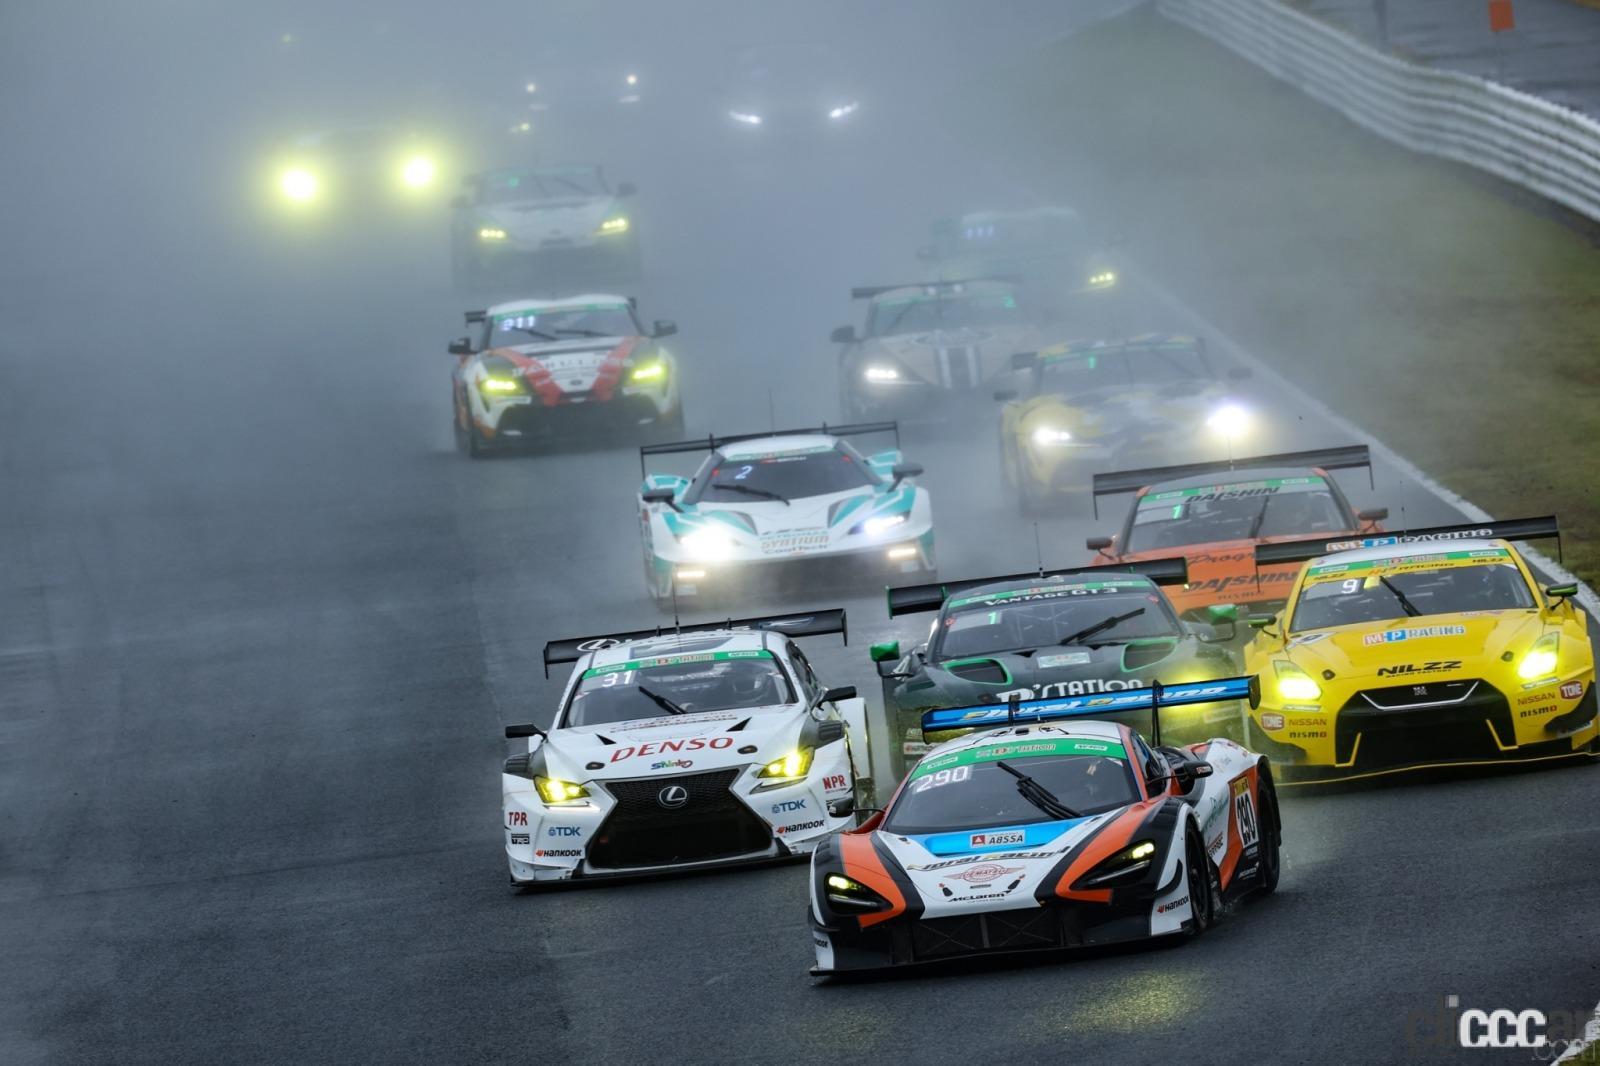 井出有治&マクラーレン720S GT3のスーパー耐久第4戦オートポリスはドタバタ劇の末に初優勝!